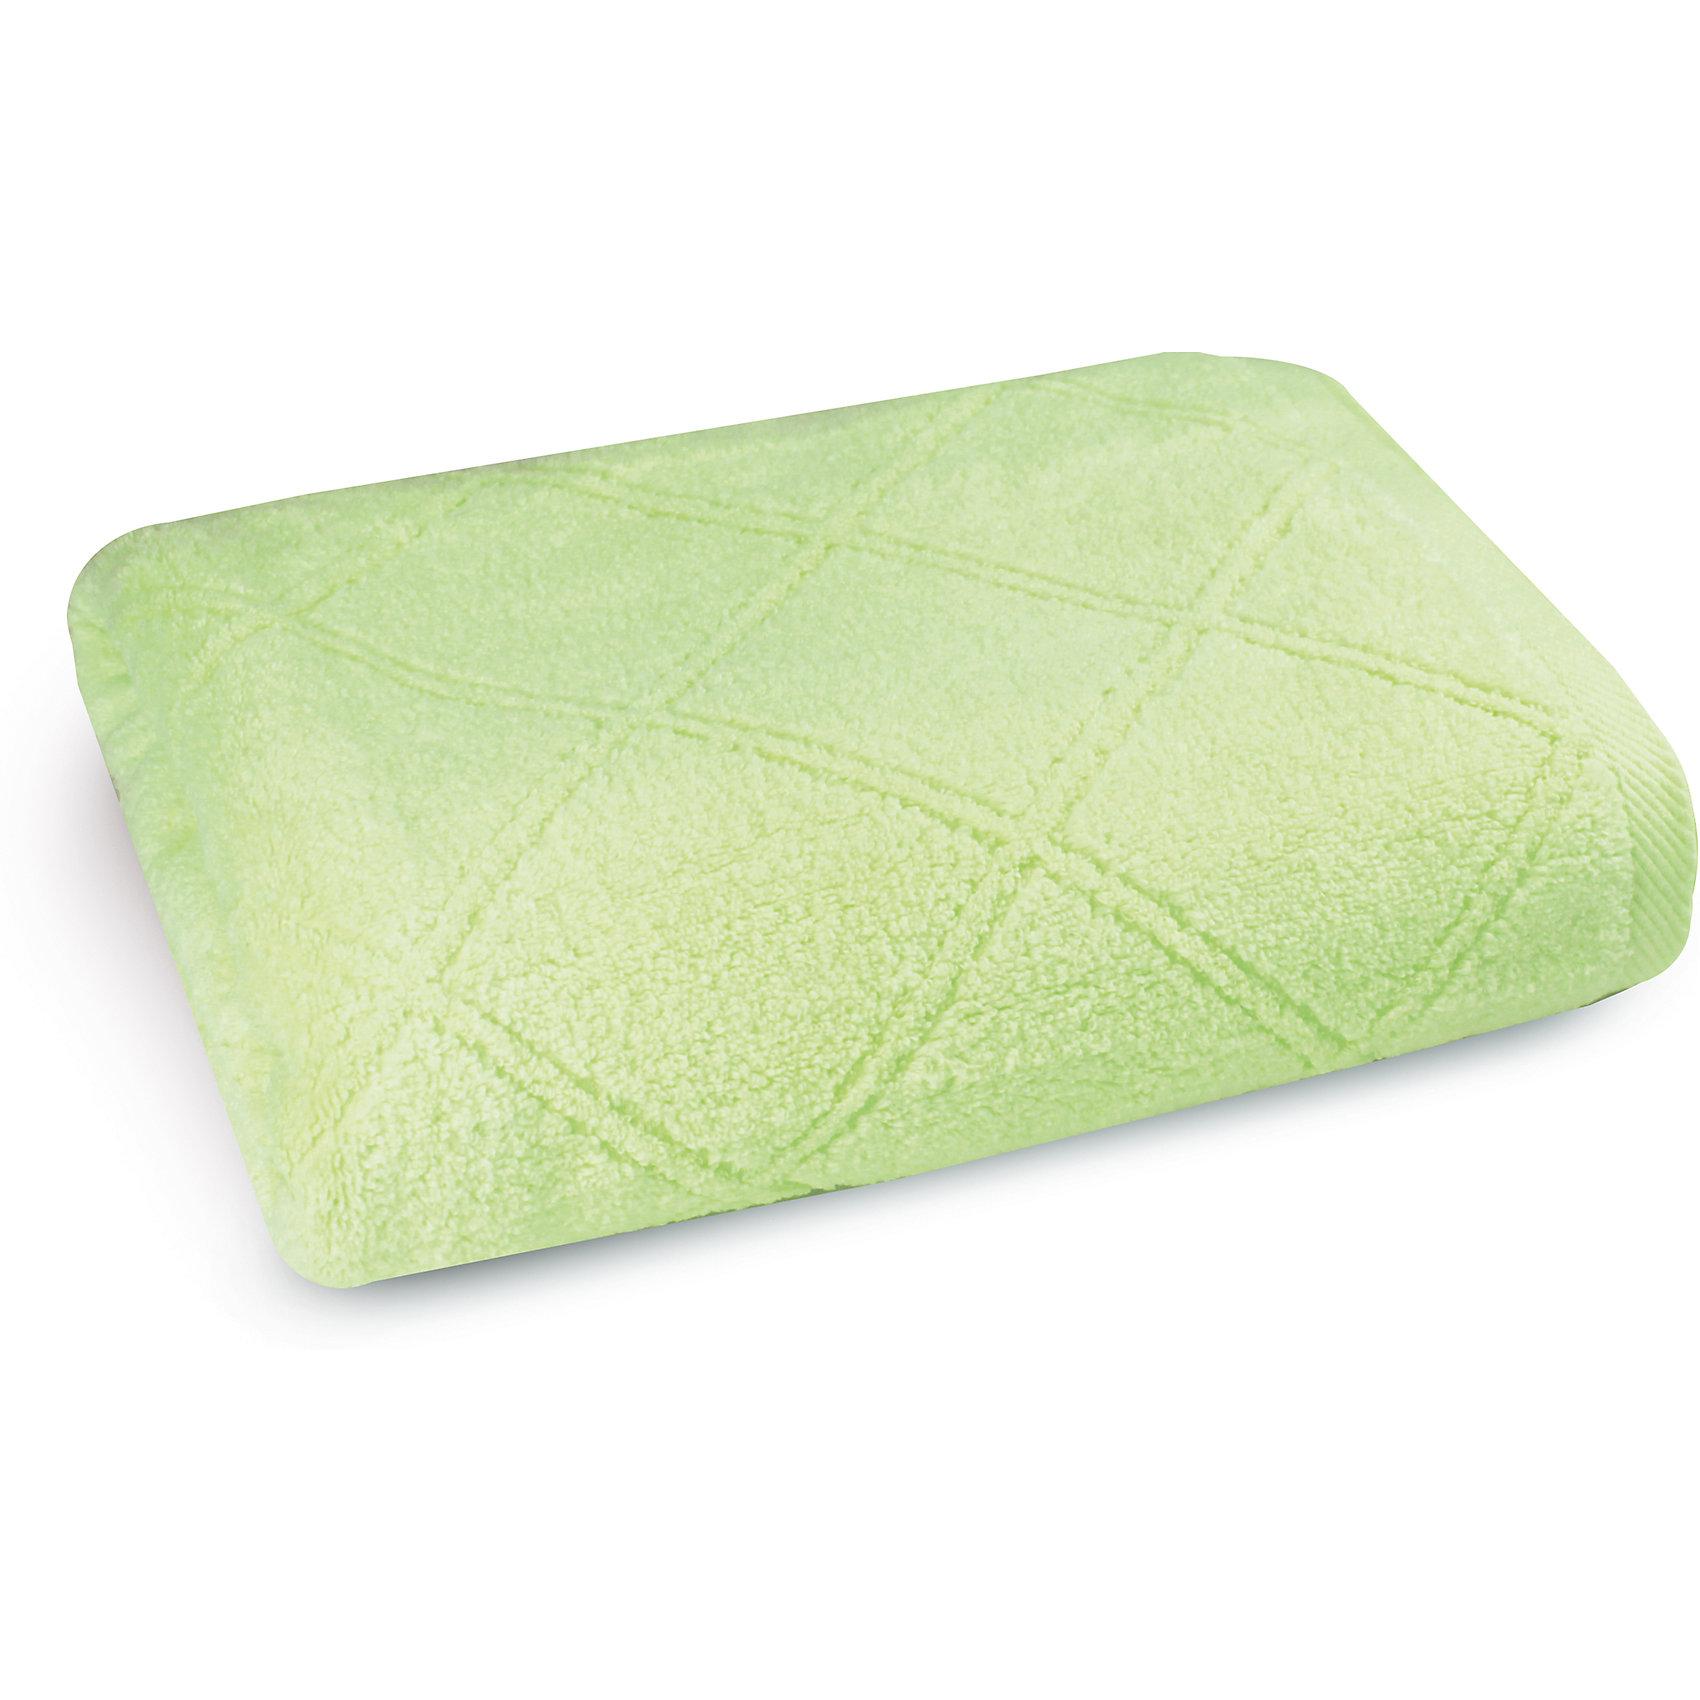 Полотенце махровое 50х90, Cozy Home, зеленыйПолотенце махровое 50х90, Cozy Home (Кози Хоум), зеленый<br><br>Характеристики:<br><br>• мягкое полотенце, приятное на ощупь<br>• хорошо впитывает влагу<br>• легко стирать<br>• материал: хлопок<br>• размер: 50х90 см<br>• цвет: зеленый<br><br>Выбирая полотенце, важно обратить внимание на материал. Полотенце от Cozy Home изготовлено из качественного хлопка, поэтому оно очень приятно телу и не вызывает раздражения и аллергии. Полотенце хорошо впитывает влагу, а также быстро высыхает. Любые загрязнения вы с легкостью сможете отстирать при температуре 40?. Также полотенце порадует вас своей долговечностью. Даже после многочисленных стирок оно не изменит свой цвет и размер. Изделие имеет однотонную расцветку, дополненную узором из ромбов. Отличный выбор для ценителей качественного текстиля!<br><br>Полотенце махровое 50х90, Cozy Home (Кози Хоум), зеленый можно купить в нашем интернет-магазине.<br><br>Ширина мм: 150<br>Глубина мм: 250<br>Высота мм: 150<br>Вес г: 250<br>Возраст от месяцев: 0<br>Возраст до месяцев: 216<br>Пол: Унисекс<br>Возраст: Детский<br>SKU: 5355306